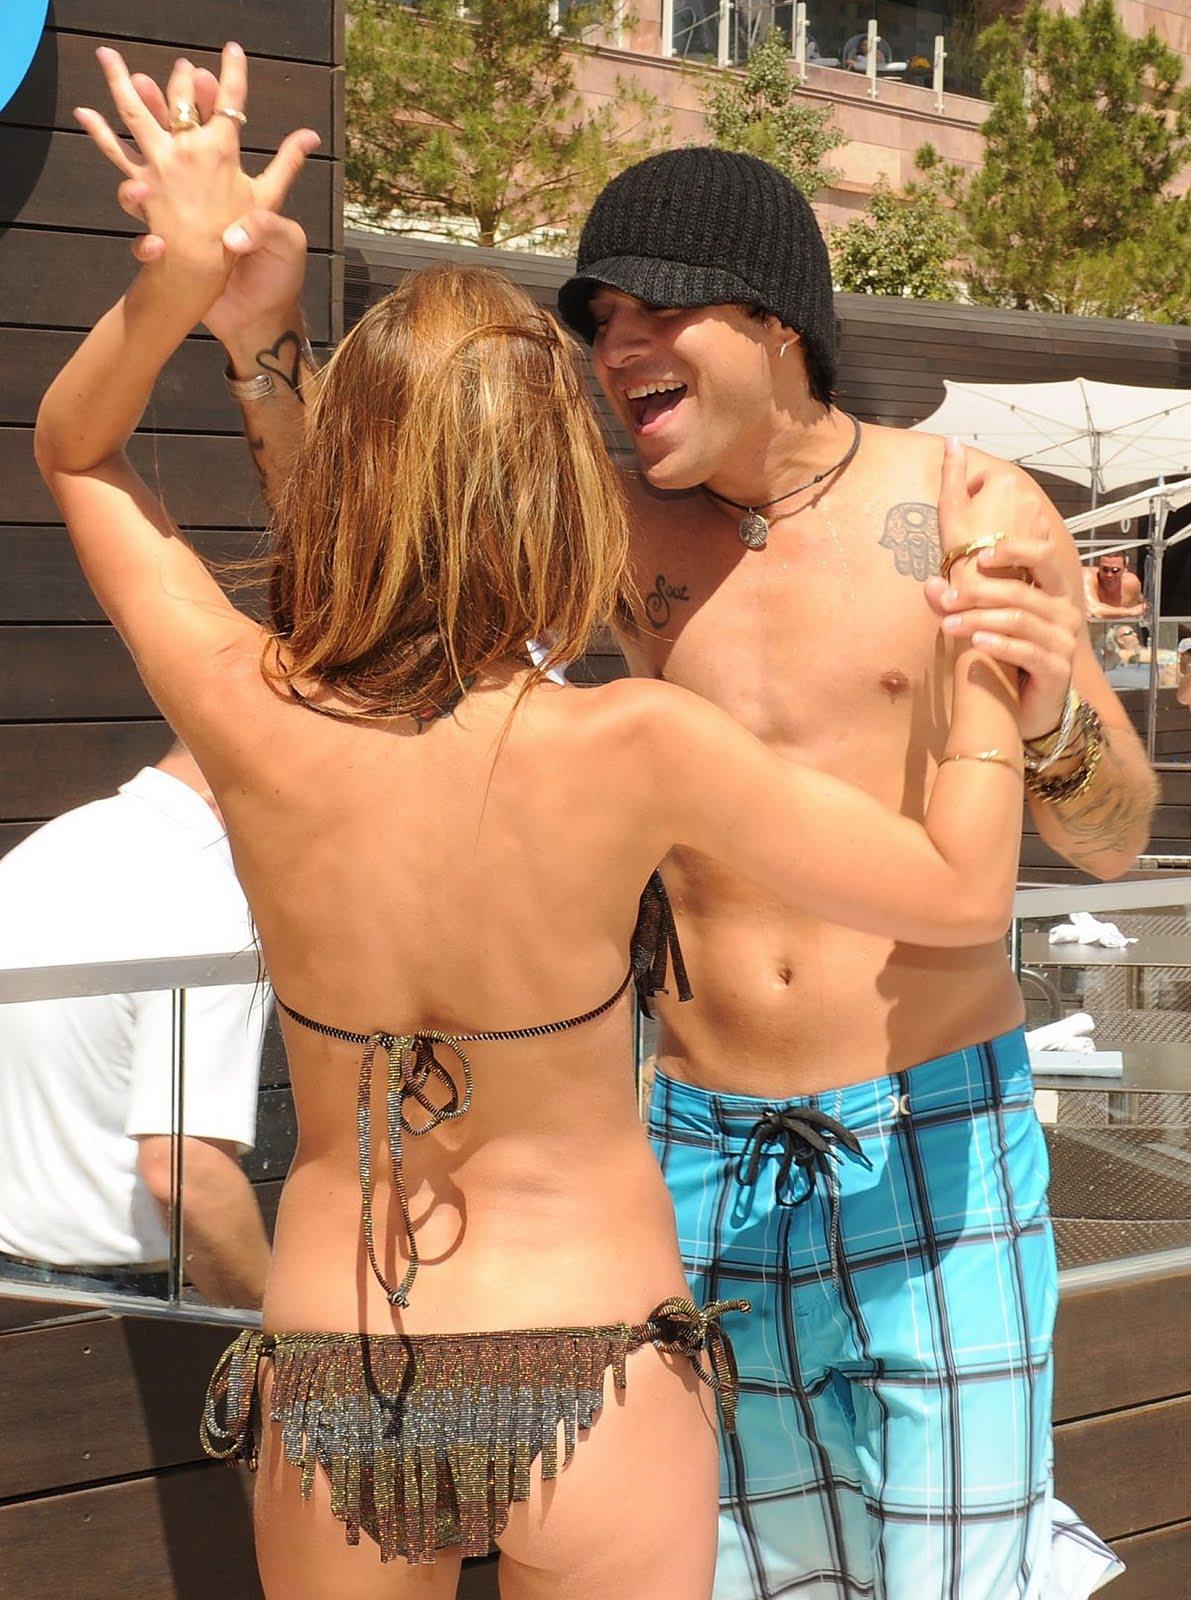 http://1.bp.blogspot.com/_6GMRaBWH_dg/S-ts5Q2CjQI/AAAAAAAAAGk/aQIu7ne55yY/s1600/audrina-patridge-bikini-1-15.jpg